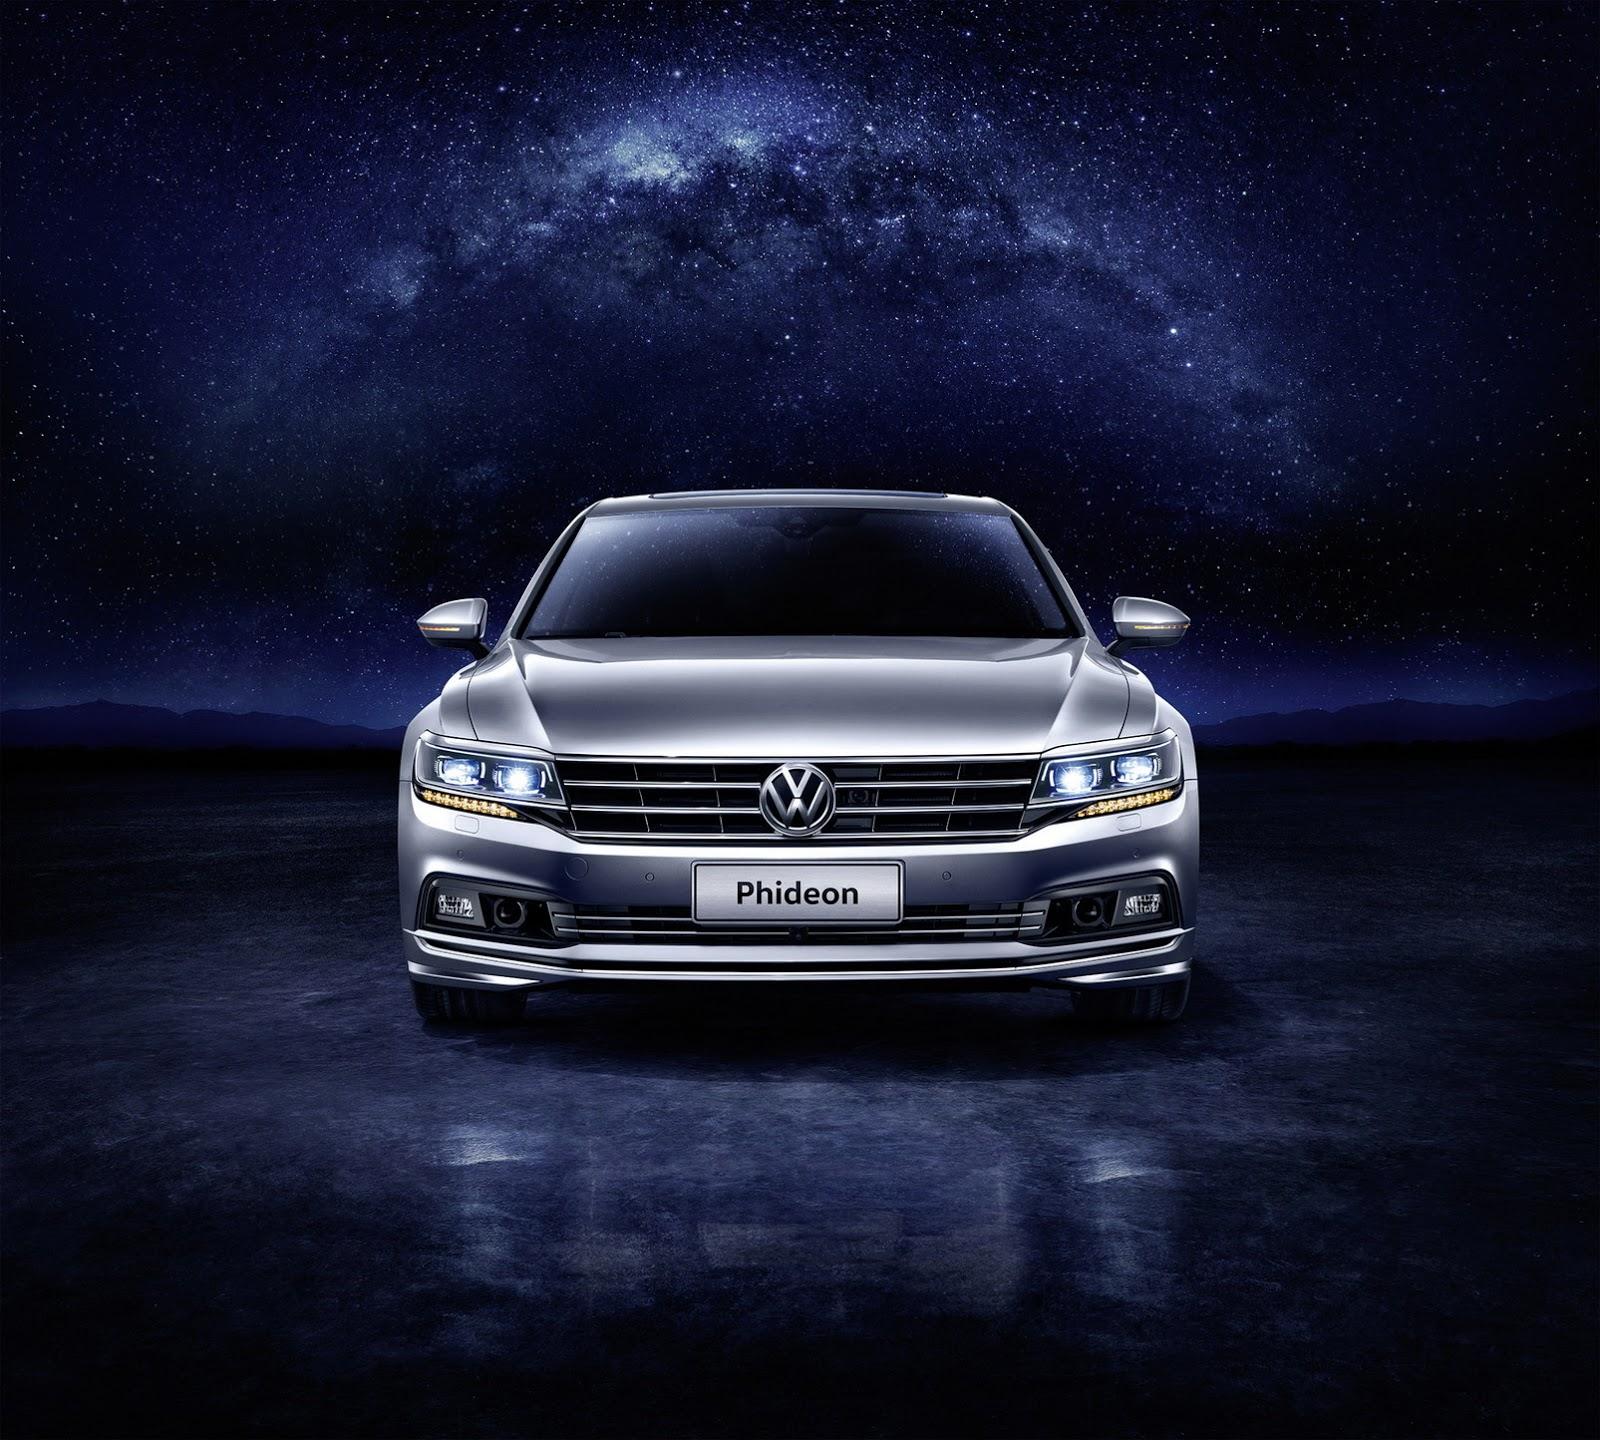 Volkswagen Phideon 2017